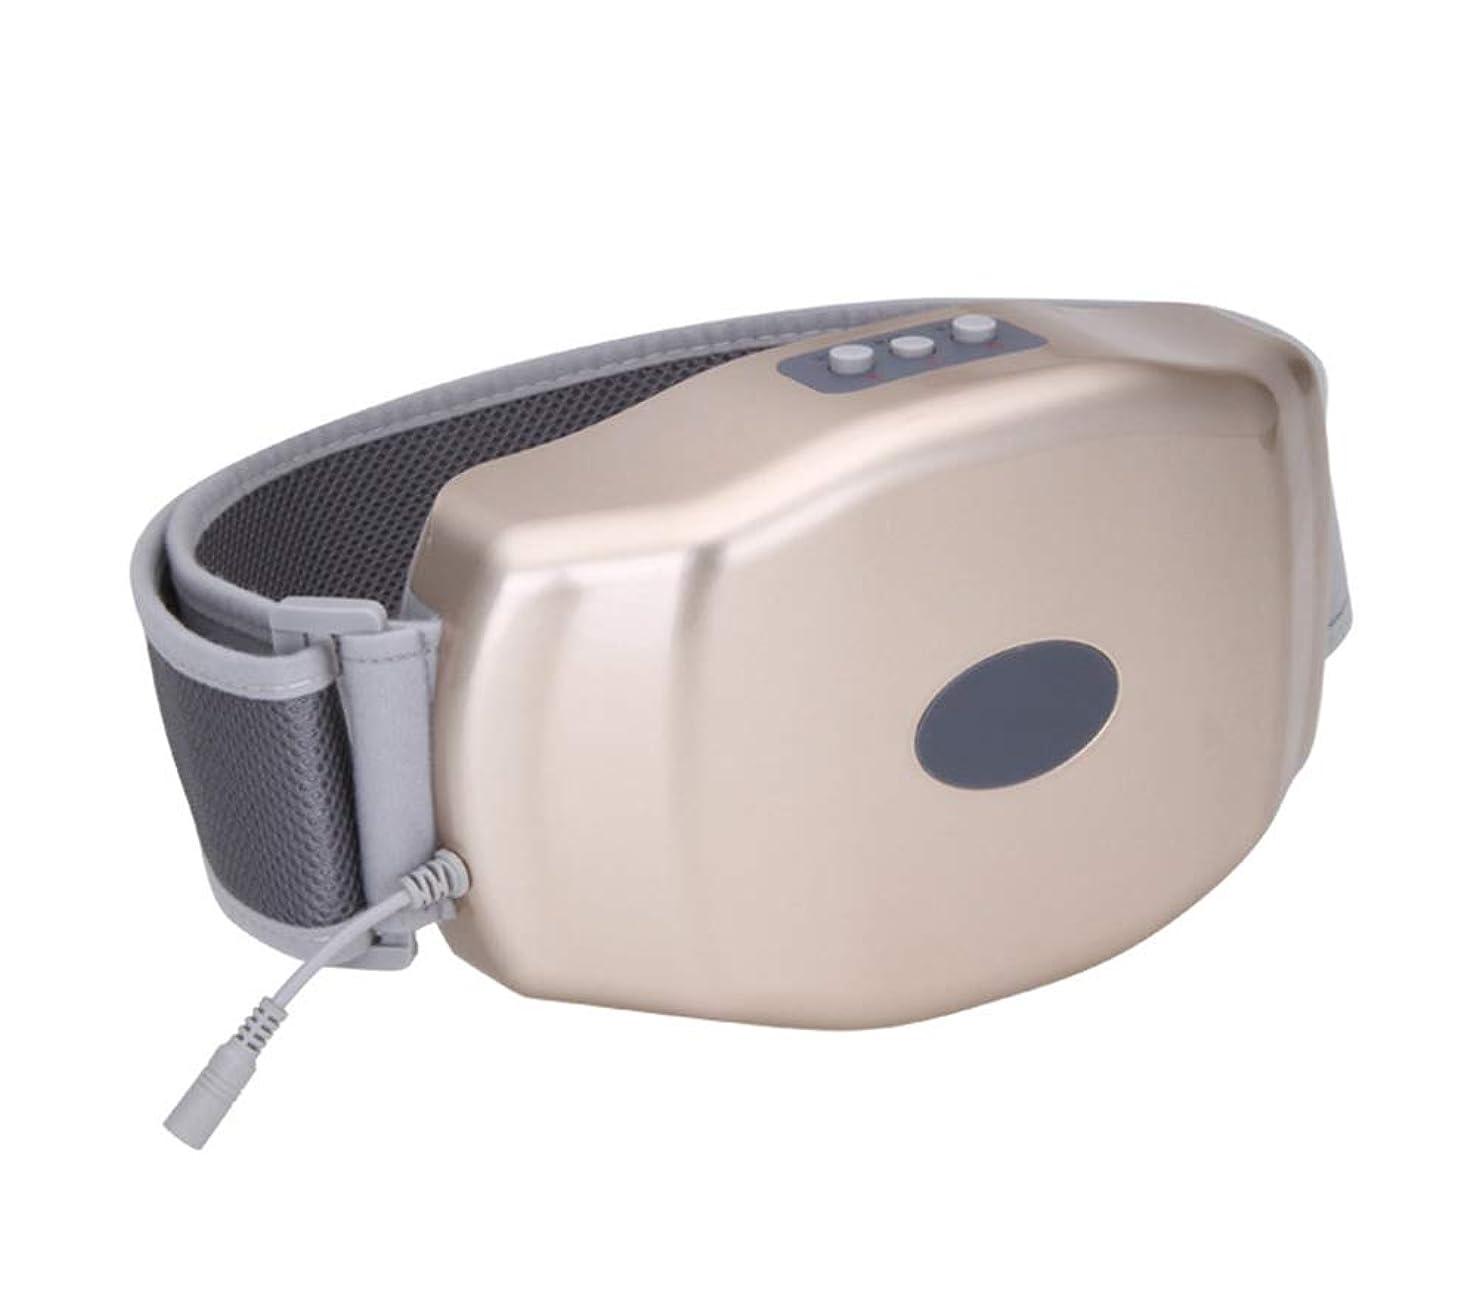 逮捕ネットデコードする多機能腹部マッサージ - 電気ファットバーナー - 腹部減量マッサージ振動便秘腹部理学療法ベルト加熱男性と女性のベルト